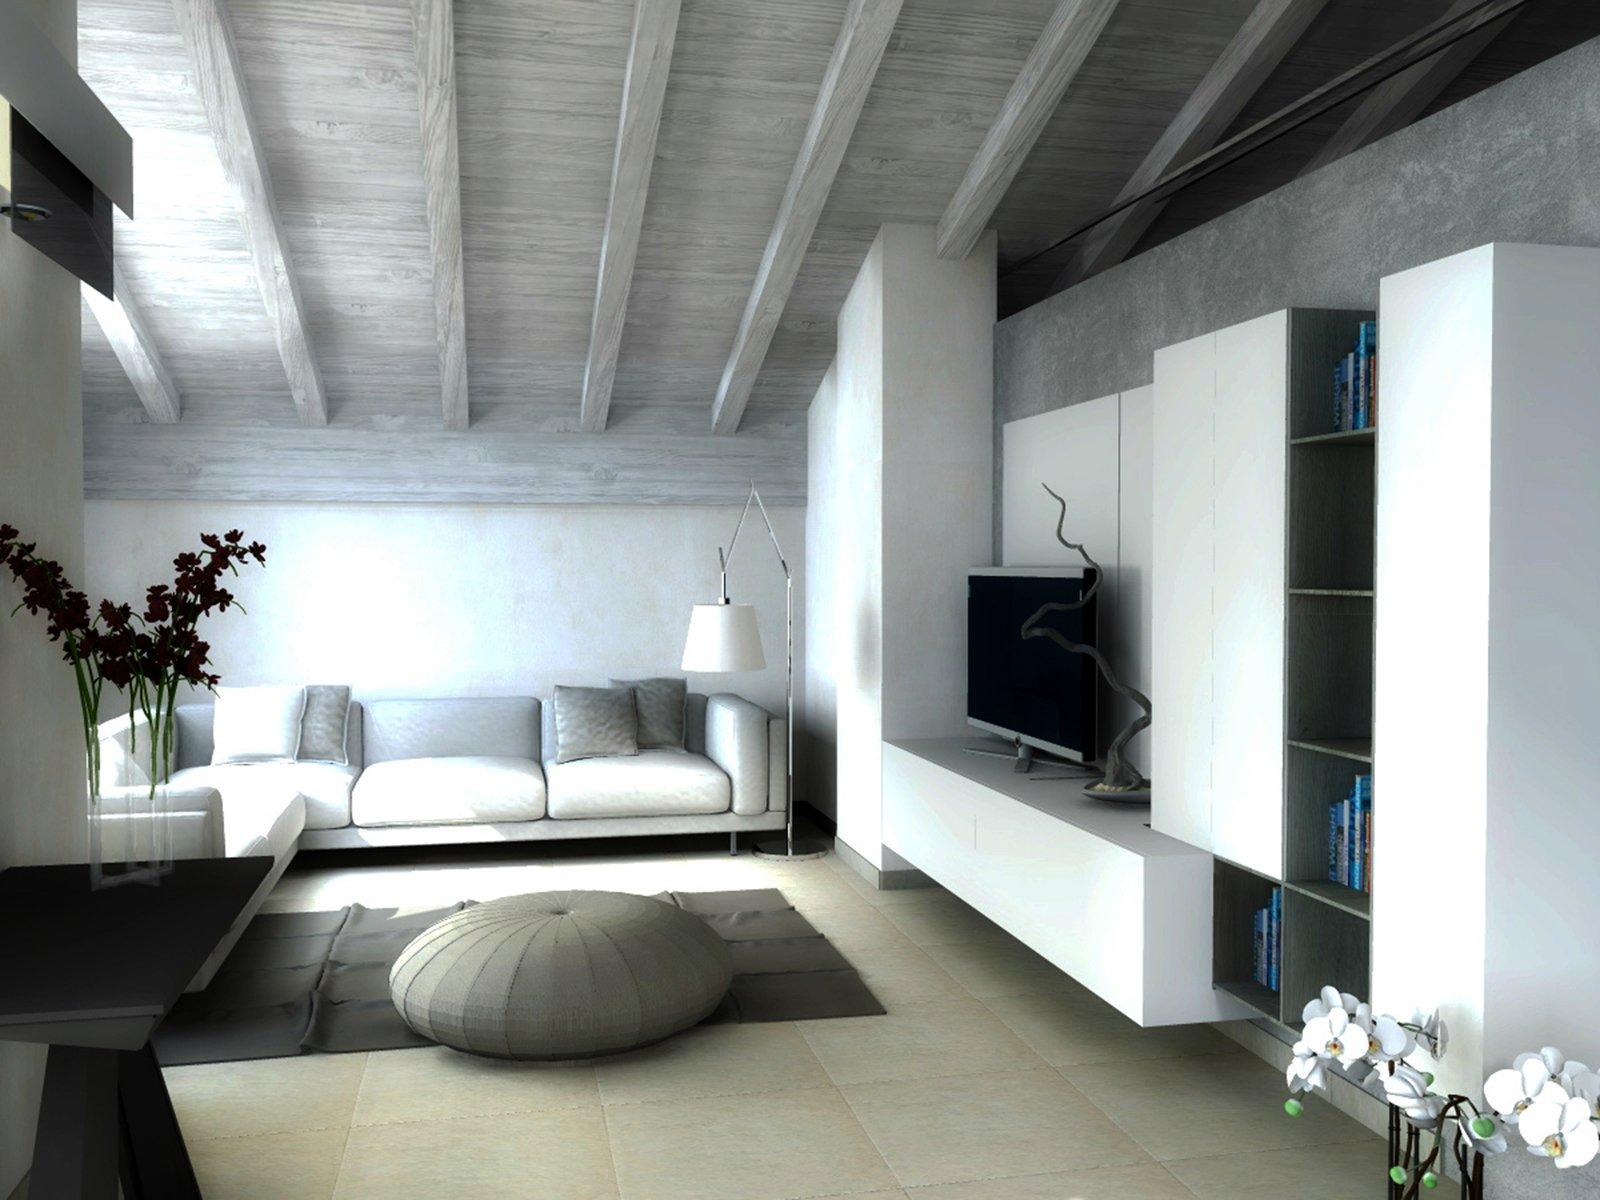 Casabook Immobiliare: Una Mansarda Di Nuova Costruzione: Un Progetto D  #577174 1600 1200 Arredamento Cucina Piccola Nuova Costruzione